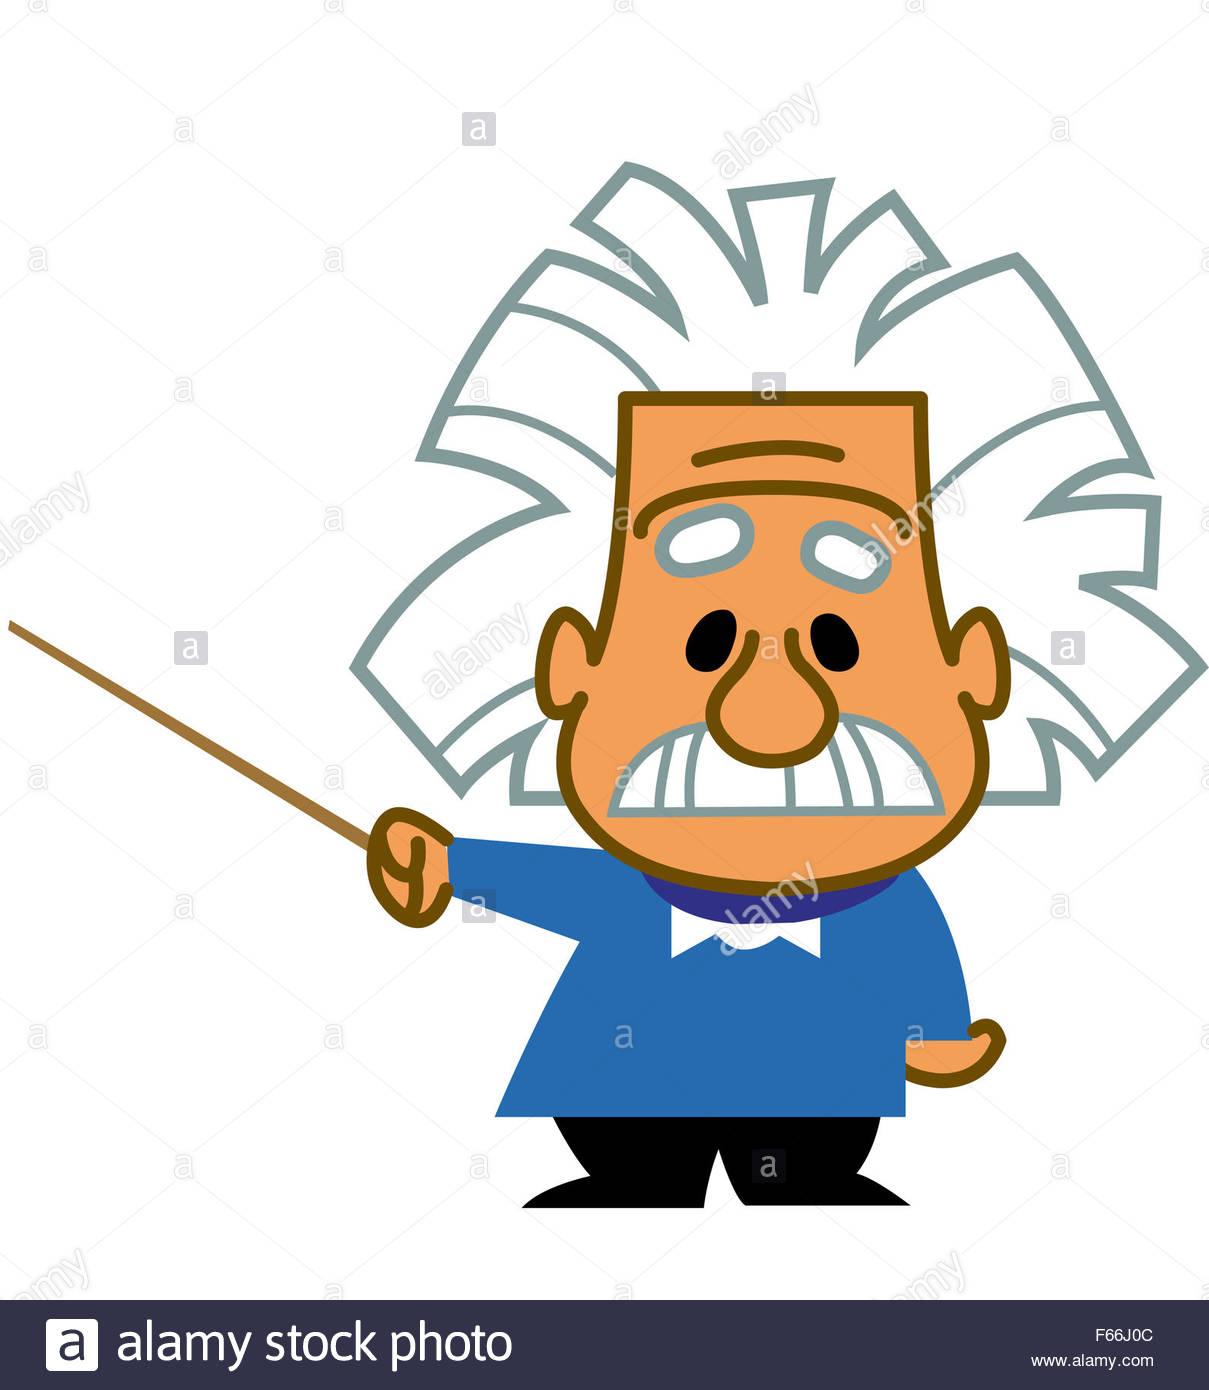 1209x1390 Albert Einstein Cartoon Scientist Genius Professor Teacher Holding